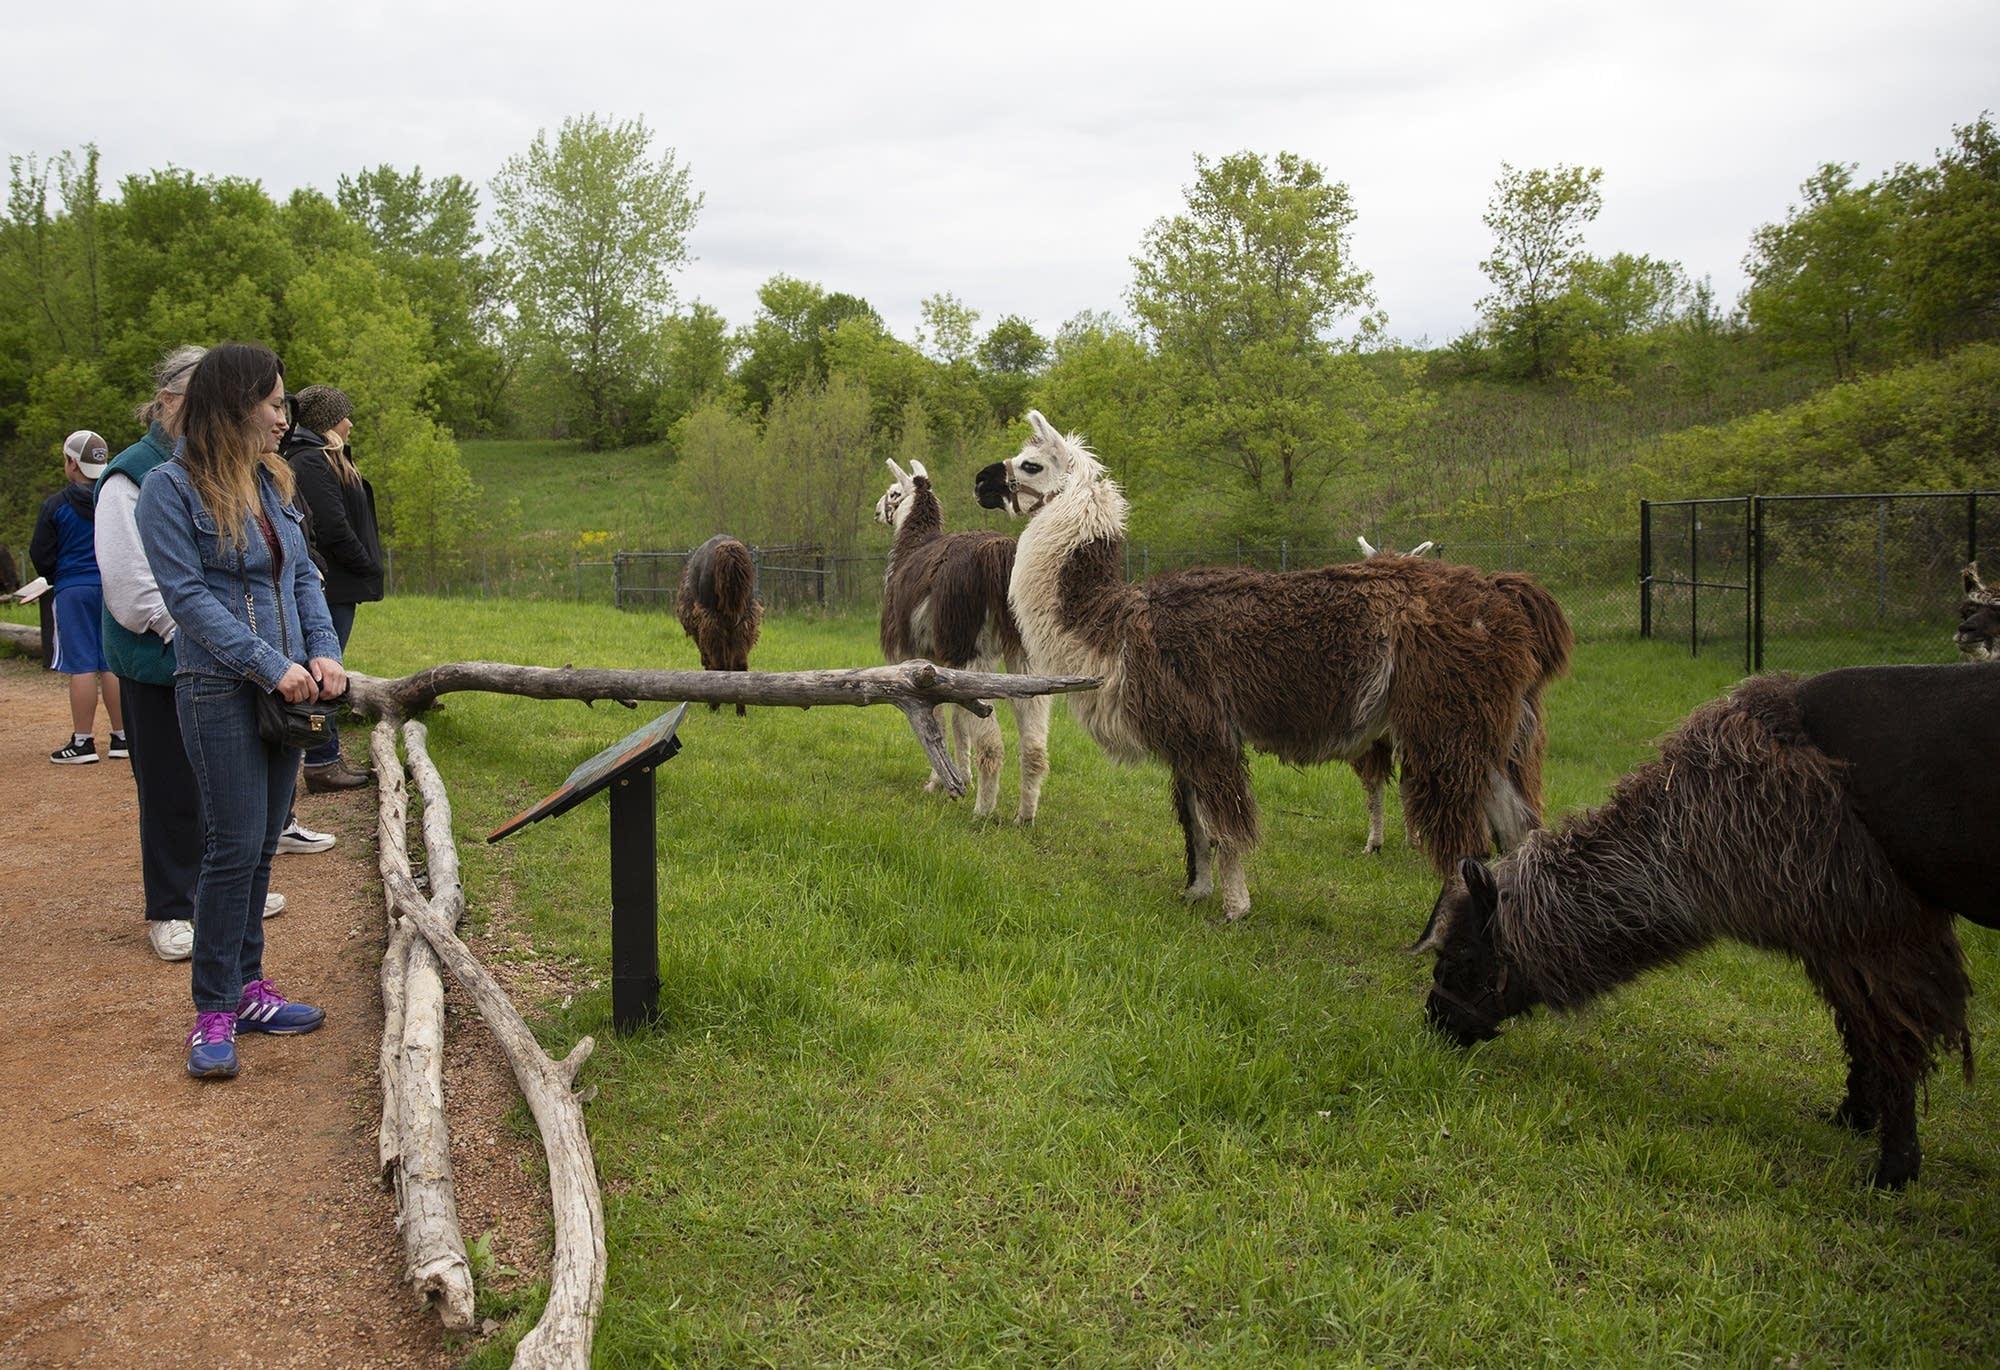 The llama Trek features 20 llamas roaming freely alongside visitors.